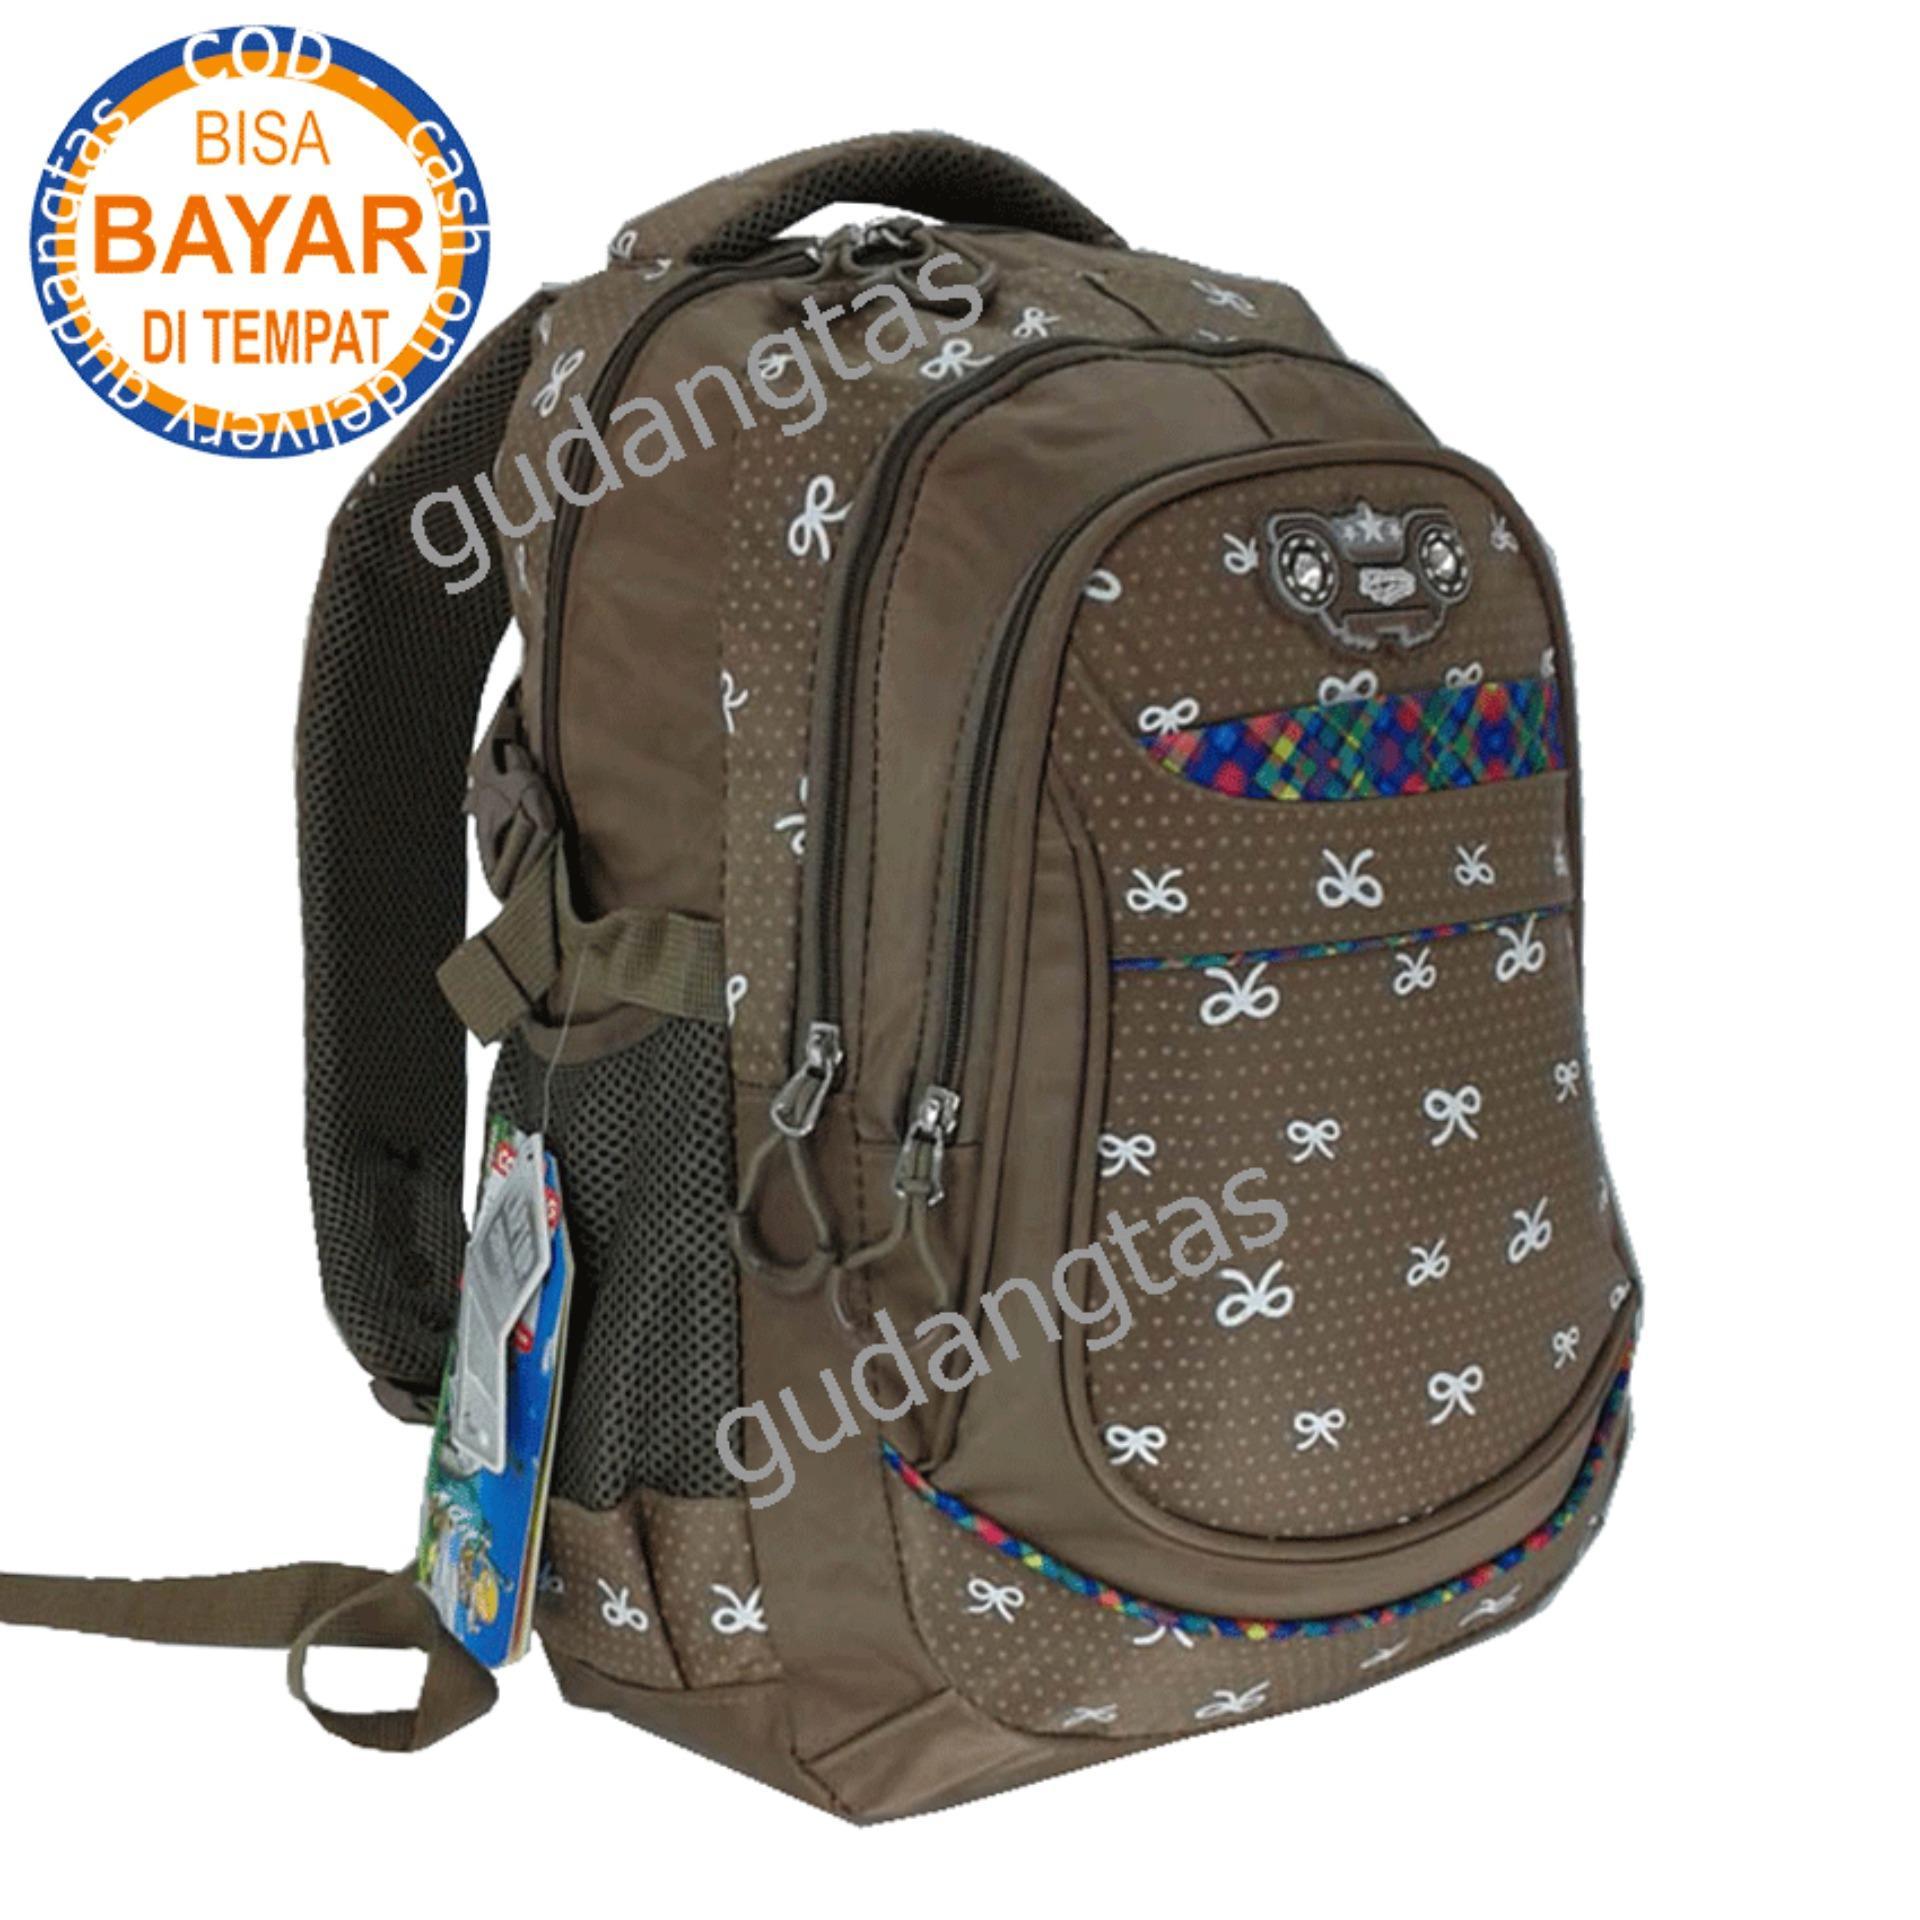 Alto Backpack Super Tas Sekolah Tas Kuliah Tas 730V0V Ransel Laptop  COKLAT Raincover